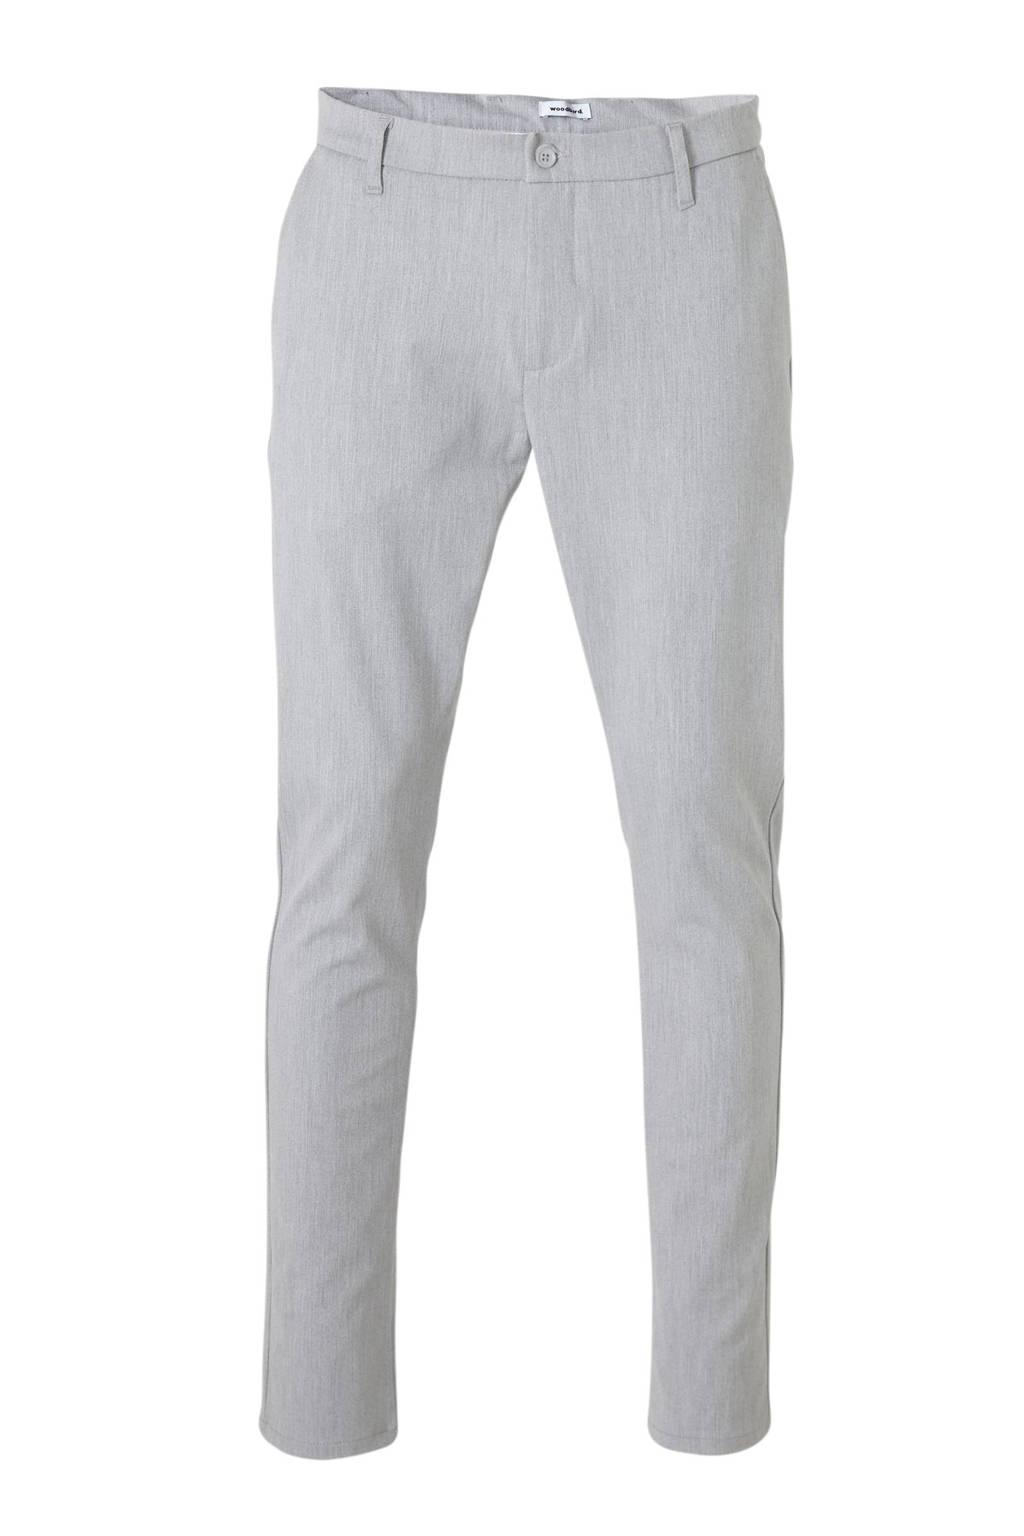 Woodbird slim fit pantalon grijs, Grijs